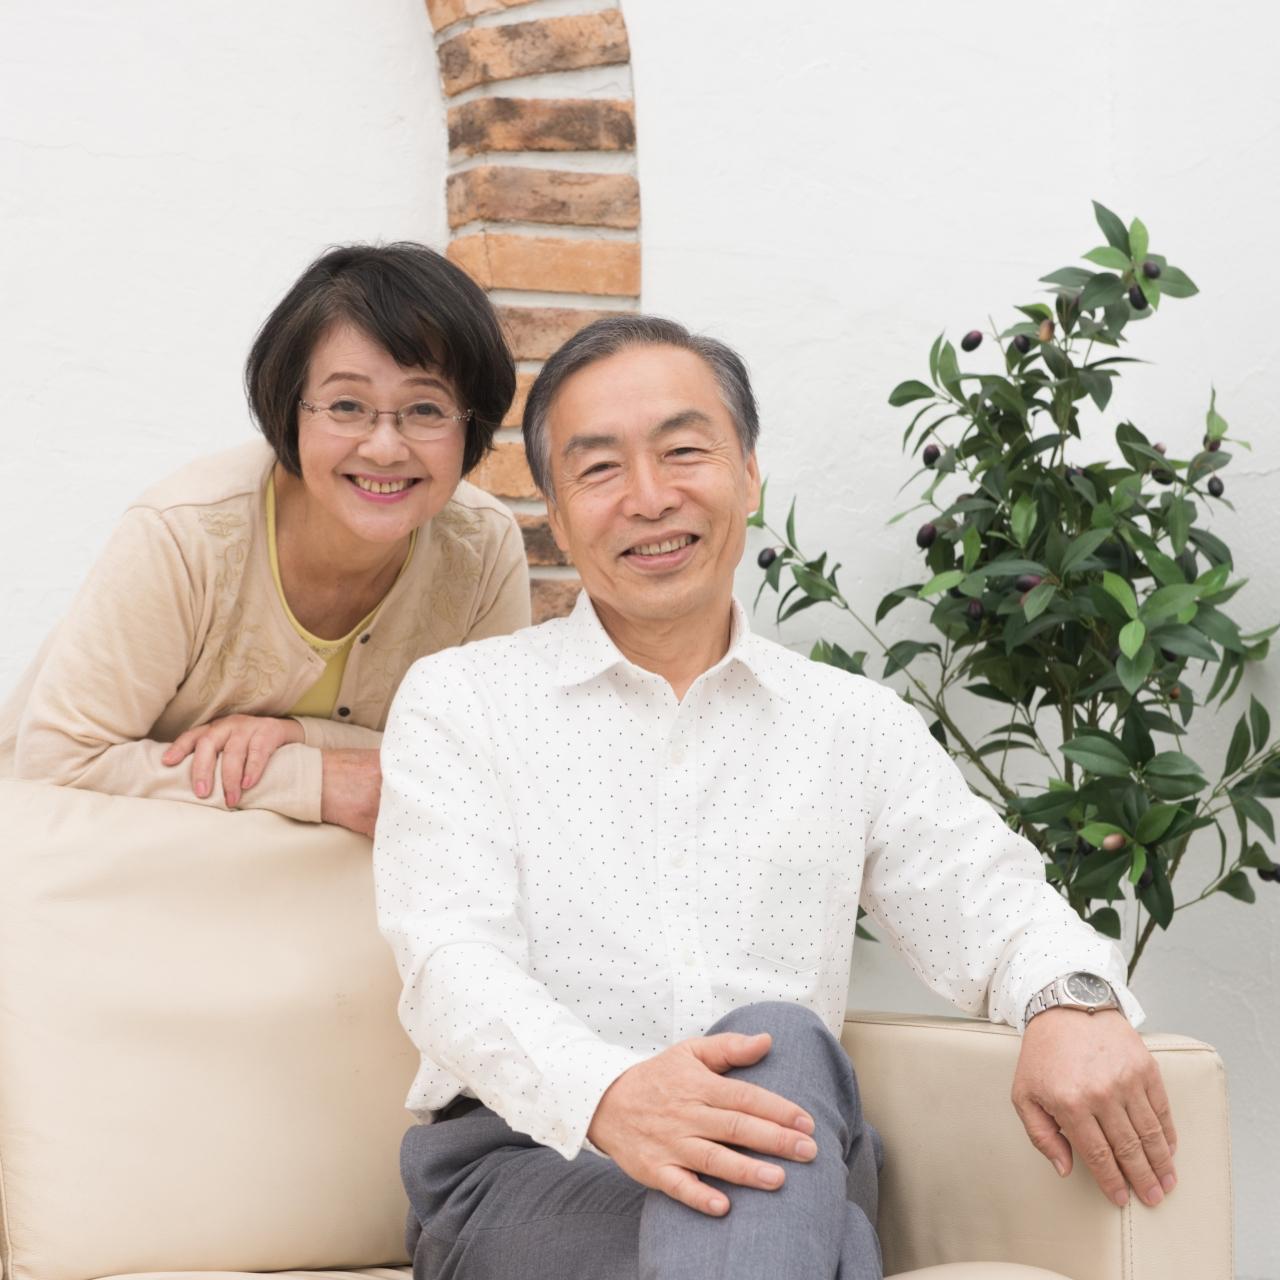 老夫婦イメージ